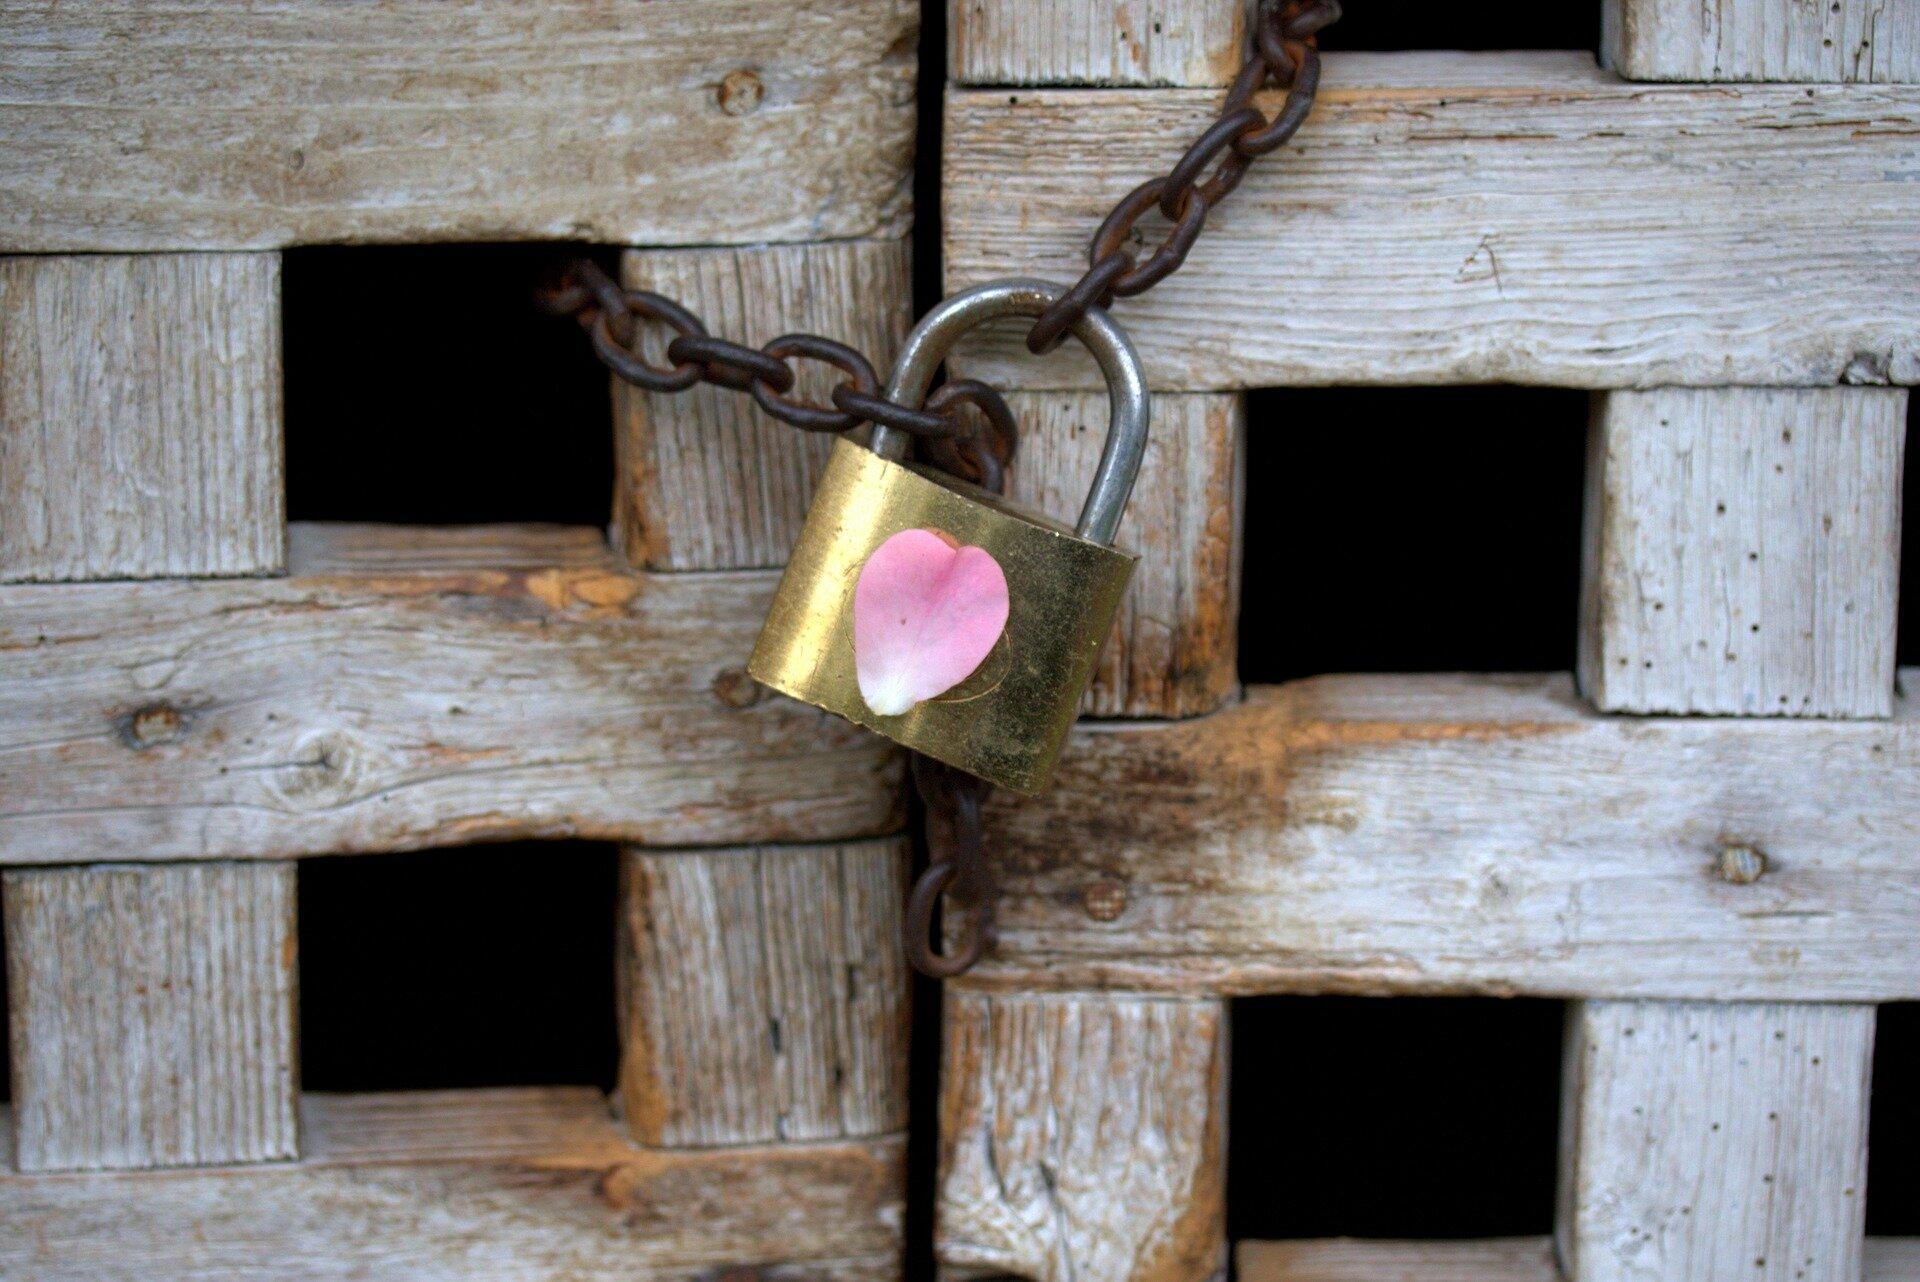 padlock-3769675_1920.jpg